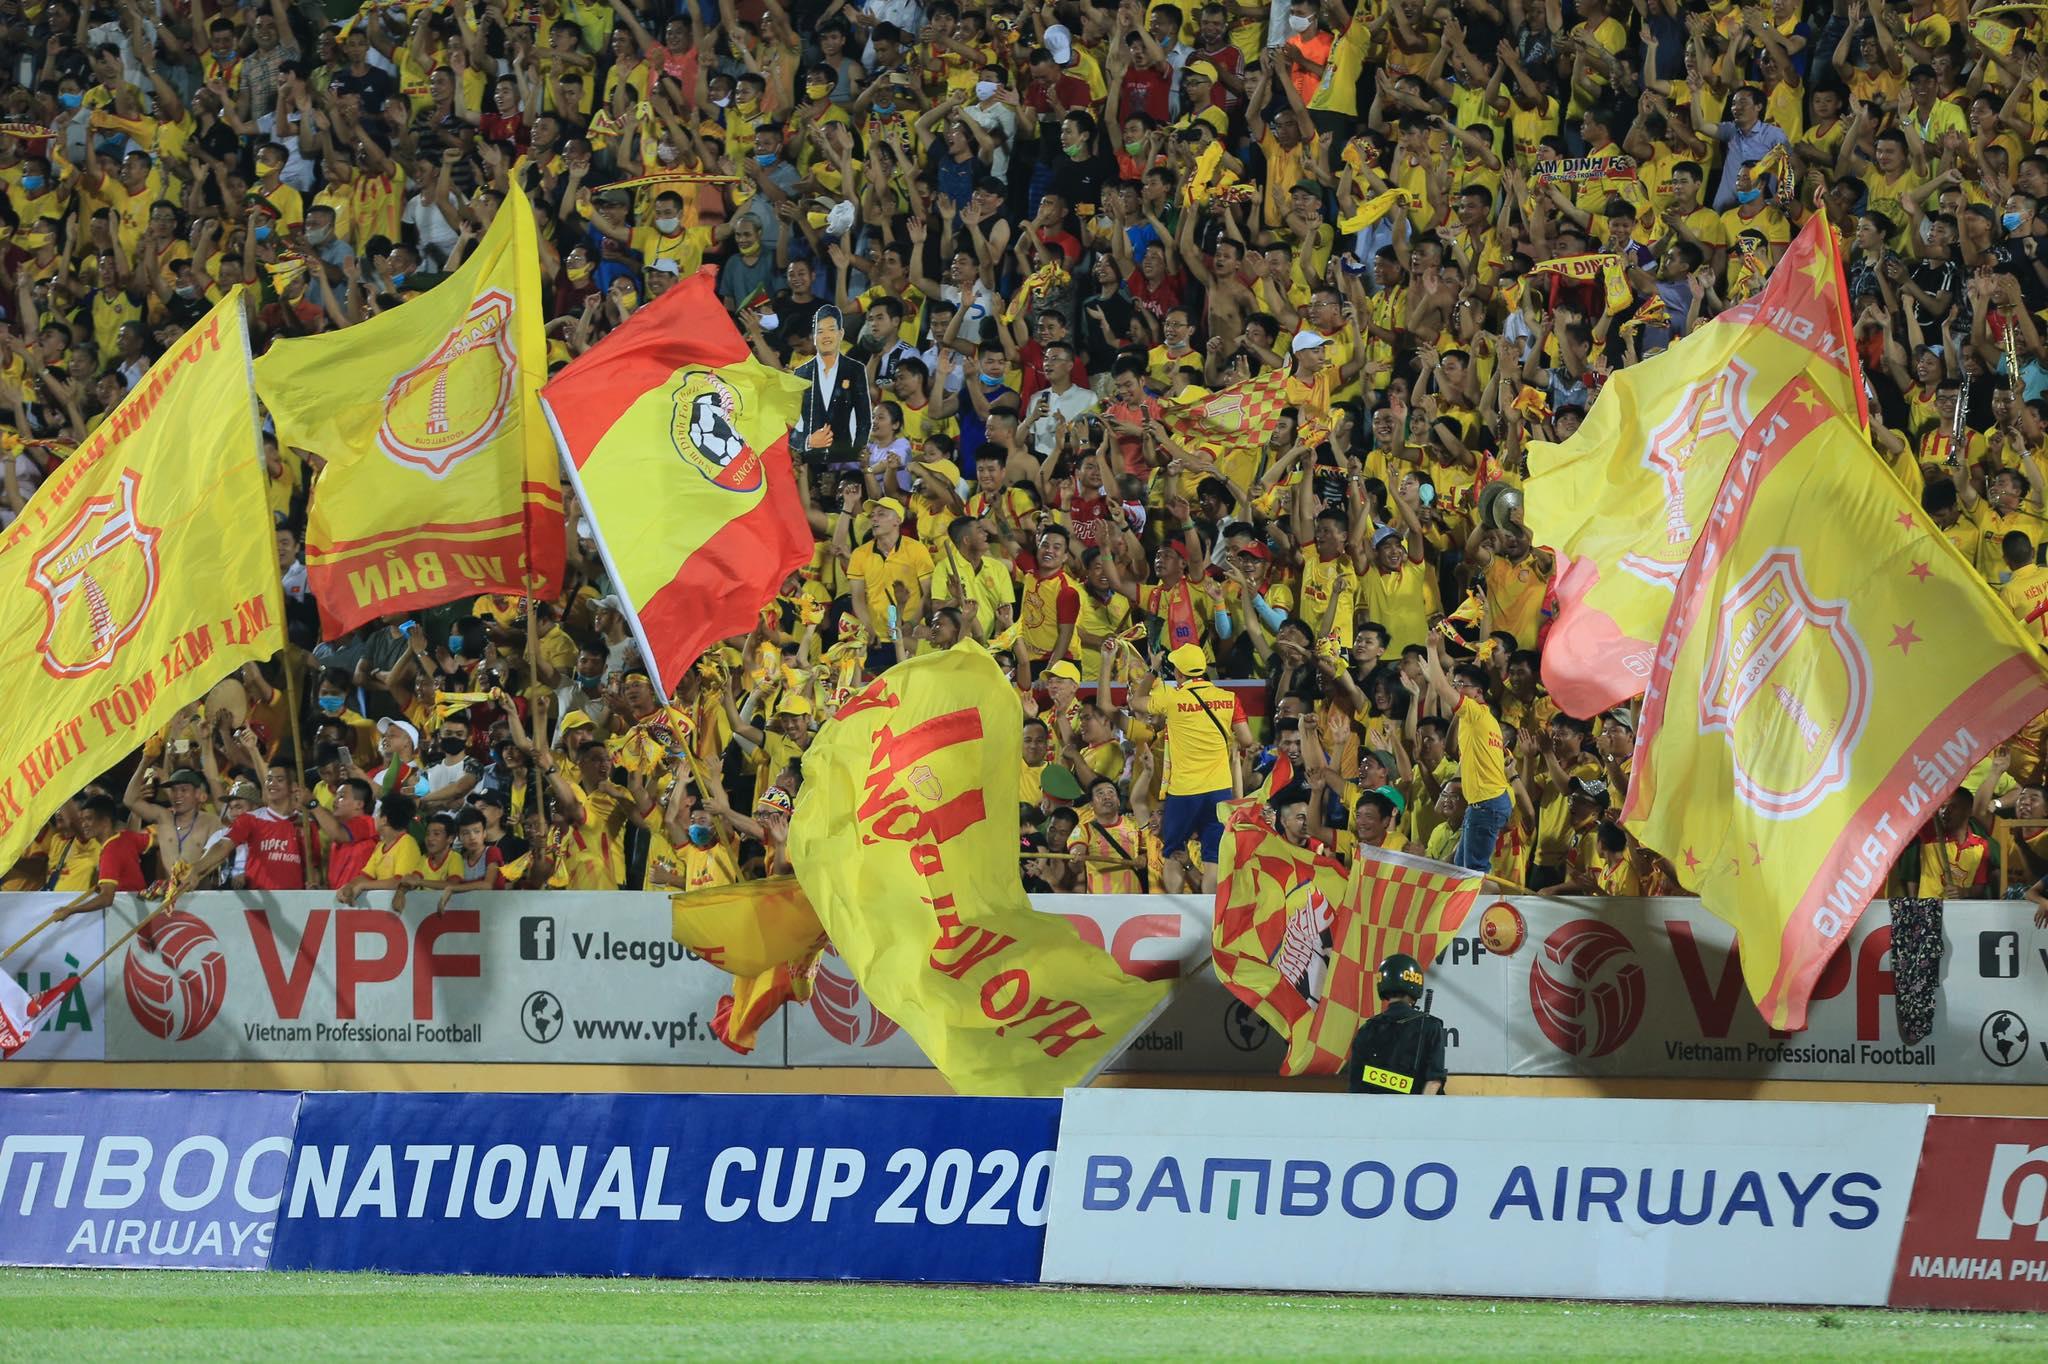 Khán giả Nam Định như vỡ oà sau khi đội nhà vượt lên dẫn trước HAGL - Ảnh: Đức Cường